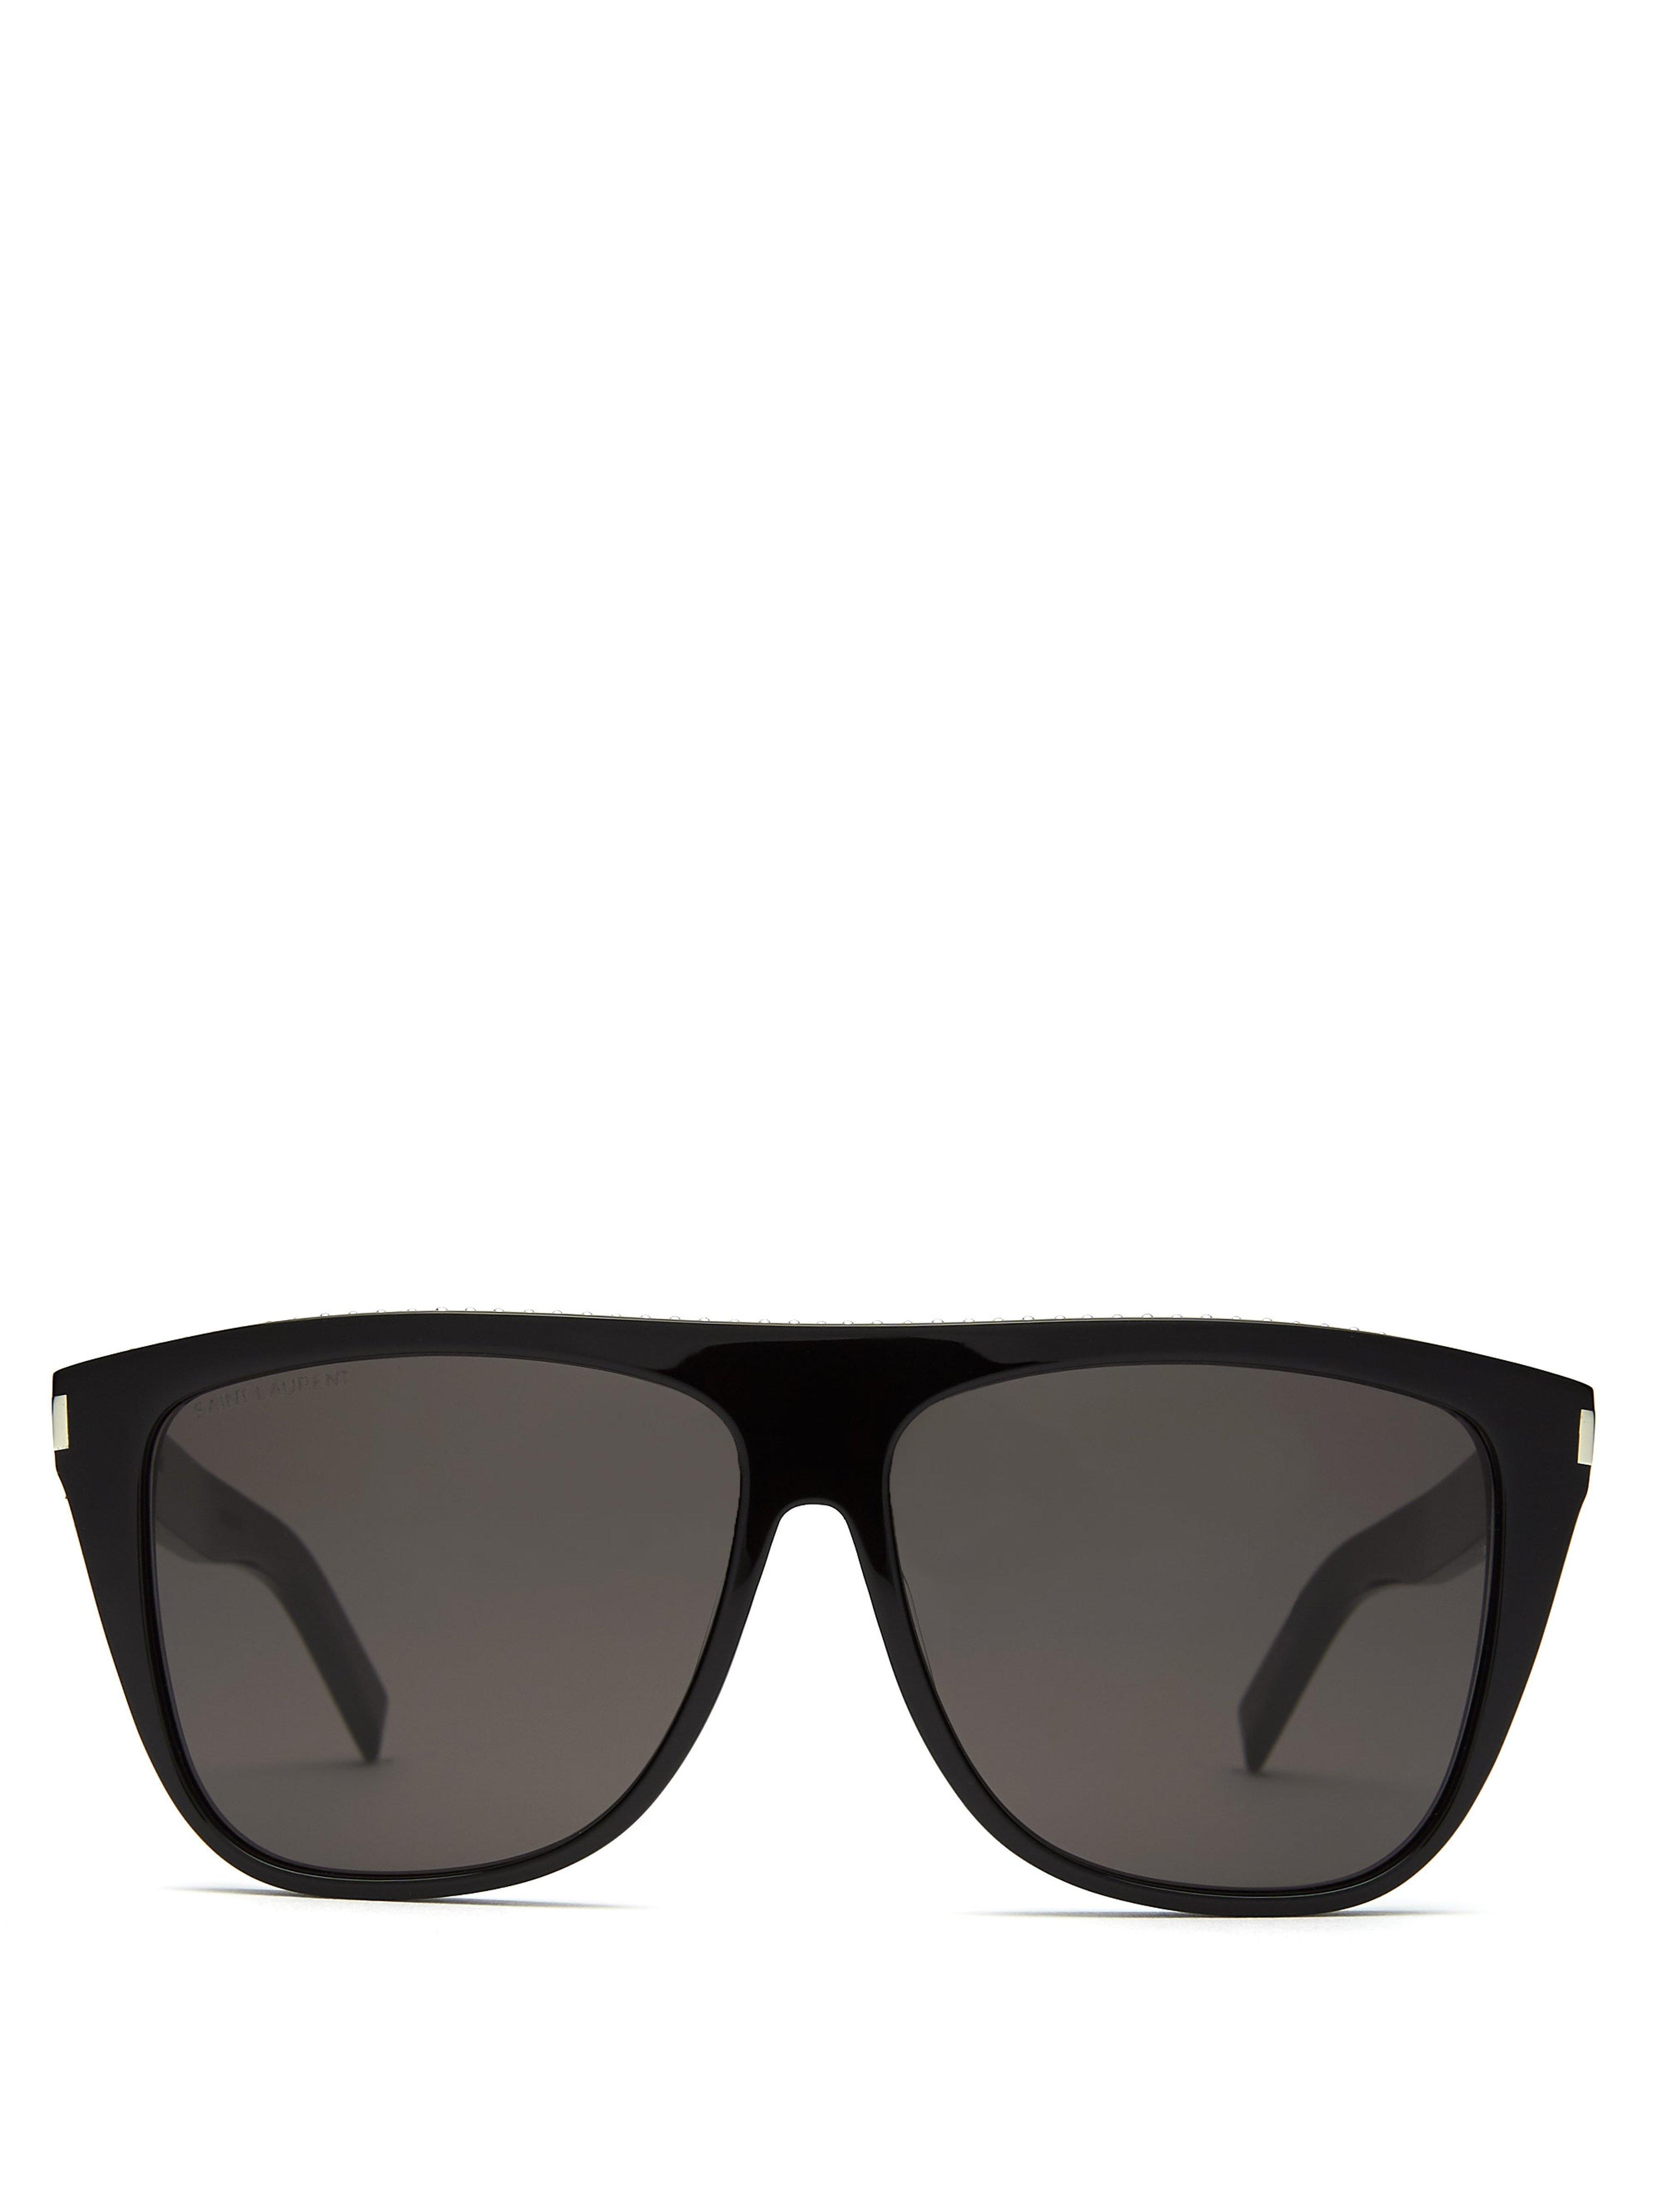 da34e7b5f097 Saint Laurent D Frame Studded Acetate Sunglasses in Black for Men - Lyst